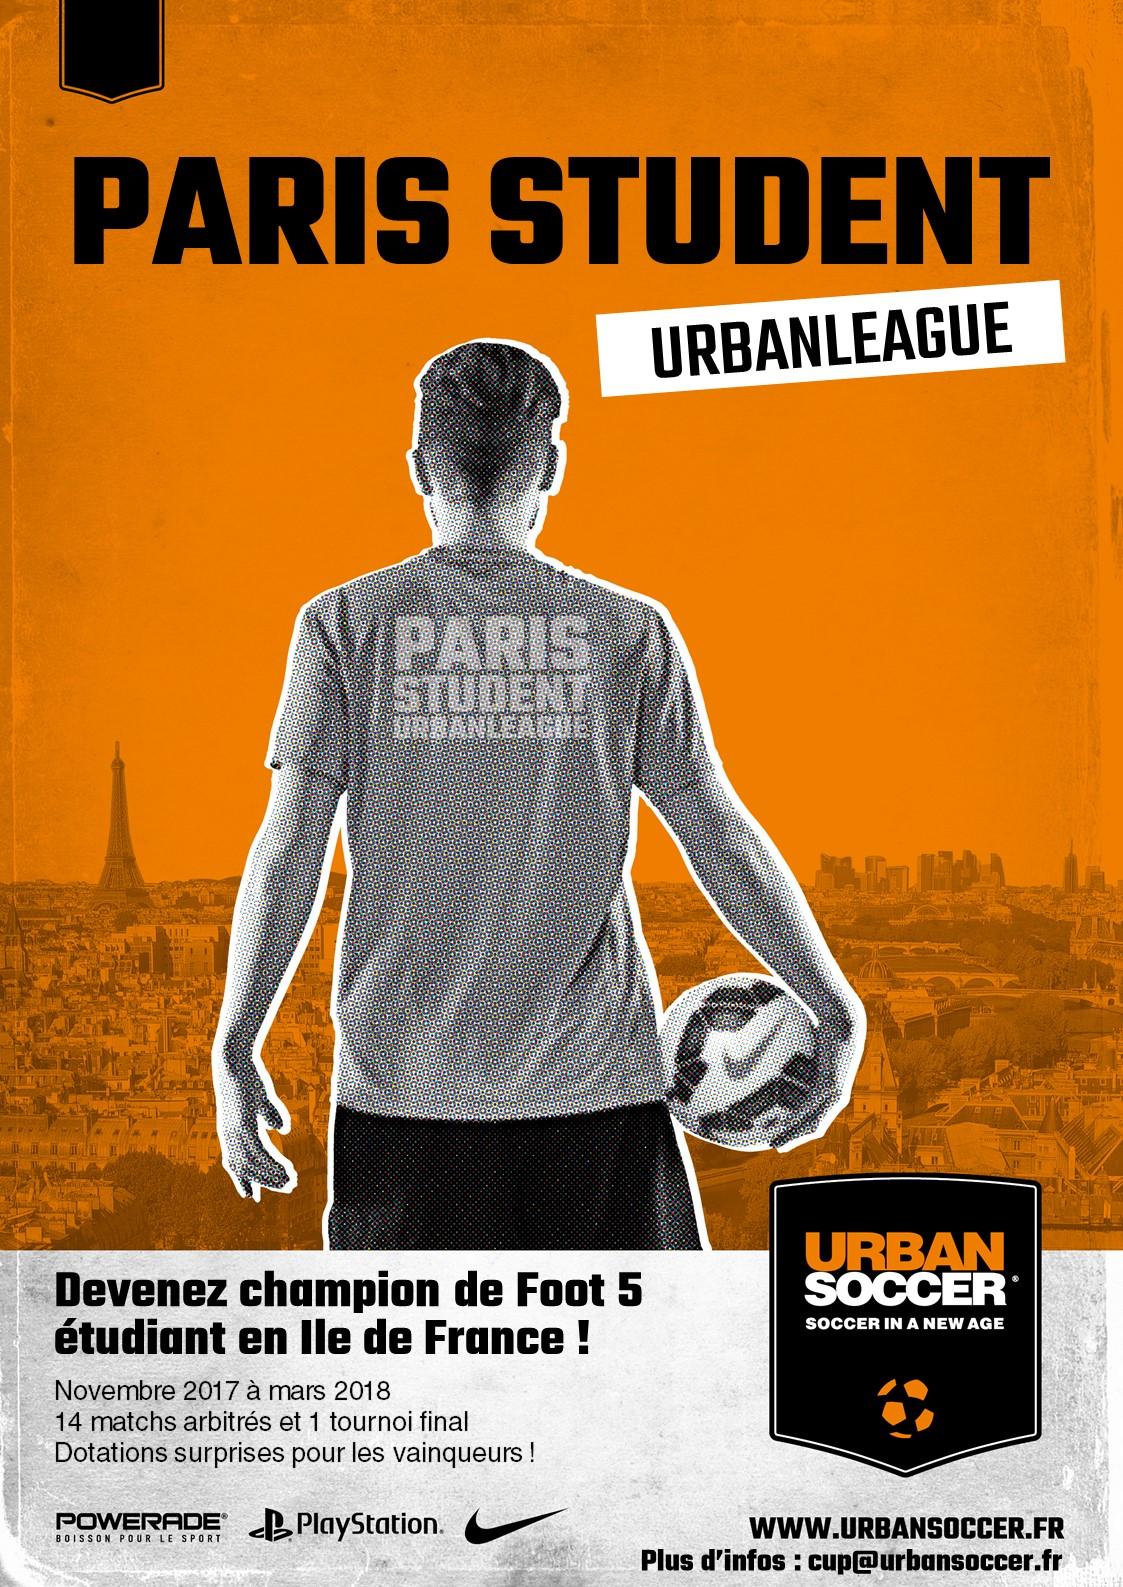 Paris Student UrbanLeague 17